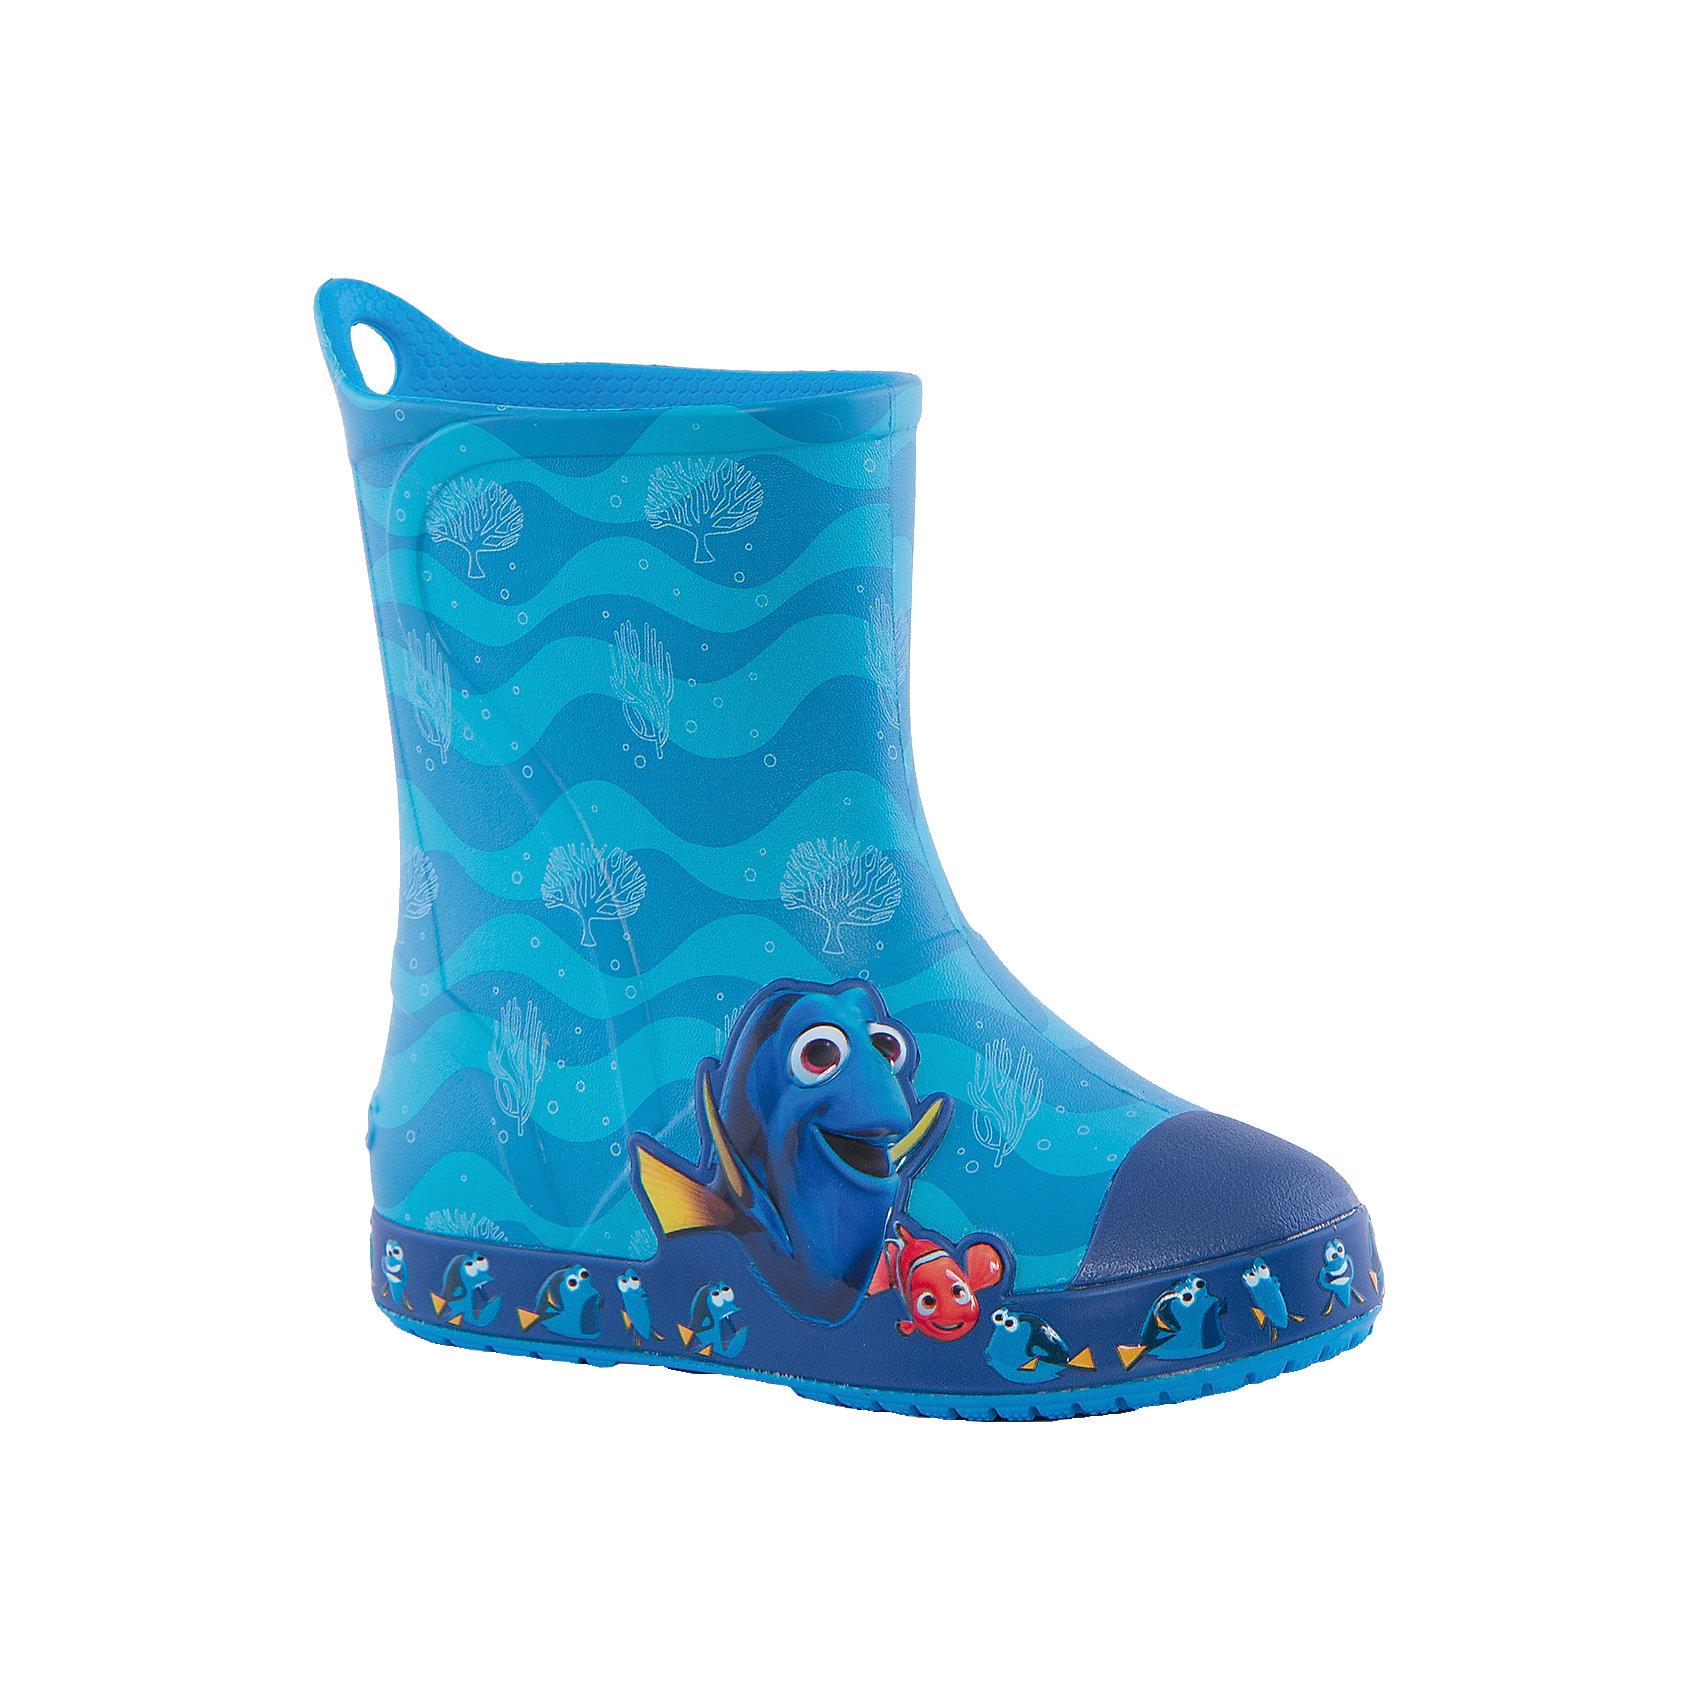 Резиновые сапоги Bump It Finding Dory Boot Crocs, голубойРезиновые сапоги<br>Характеристики товара:<br><br>• цвет: голубой<br>• принт: Дори, В поисках Немо<br>• сезон: демисезон, лето<br>• материал: 100% полимер Croslite™<br>• непромокаемые<br>• температурный режим: от 0° до +20° С<br>• легко очищаются<br>• антискользящая подошва<br>• язычок для удобного надевания<br>• толстая устойчивая подошва<br>• страна бренда: США<br>• страна изготовитель: Китай<br><br>Сапоги могут быть и стильными, и непромокаемыми! <br><br>Для детской обуви крайне важно, чтобы она была удобной. <br><br>Такие сапоги обеспечивают детям необходимый комфорт, а надежный материал не пропускает внутрь воду. <br><br>Сапоги легко надеваются и снимаются, отлично сидят на ноге. <br><br>Материал, из которого они сделаны, не дает размножаться бактериям, поэтому такая обувь препятствует образованию неприятного запаха и появлению болезней стоп. <br><br>Данная модель особенно понравится детям - ведь в них можно бегать по лужам!<br><br>Резиновые сапоги Bump It Finding Dory Boot Crocs от торговой марки Crocs можно купить в нашем интернет-магазине.<br><br>Ширина мм: 237<br>Глубина мм: 180<br>Высота мм: 152<br>Вес г: 438<br>Цвет: синий<br>Возраст от месяцев: 132<br>Возраст до месяцев: 144<br>Пол: Унисекс<br>Возраст: Детский<br>Размер: 34/35,27,28,29,30,23,24,25,26,31,33,34,31/32,33/34<br>SKU: 4940805